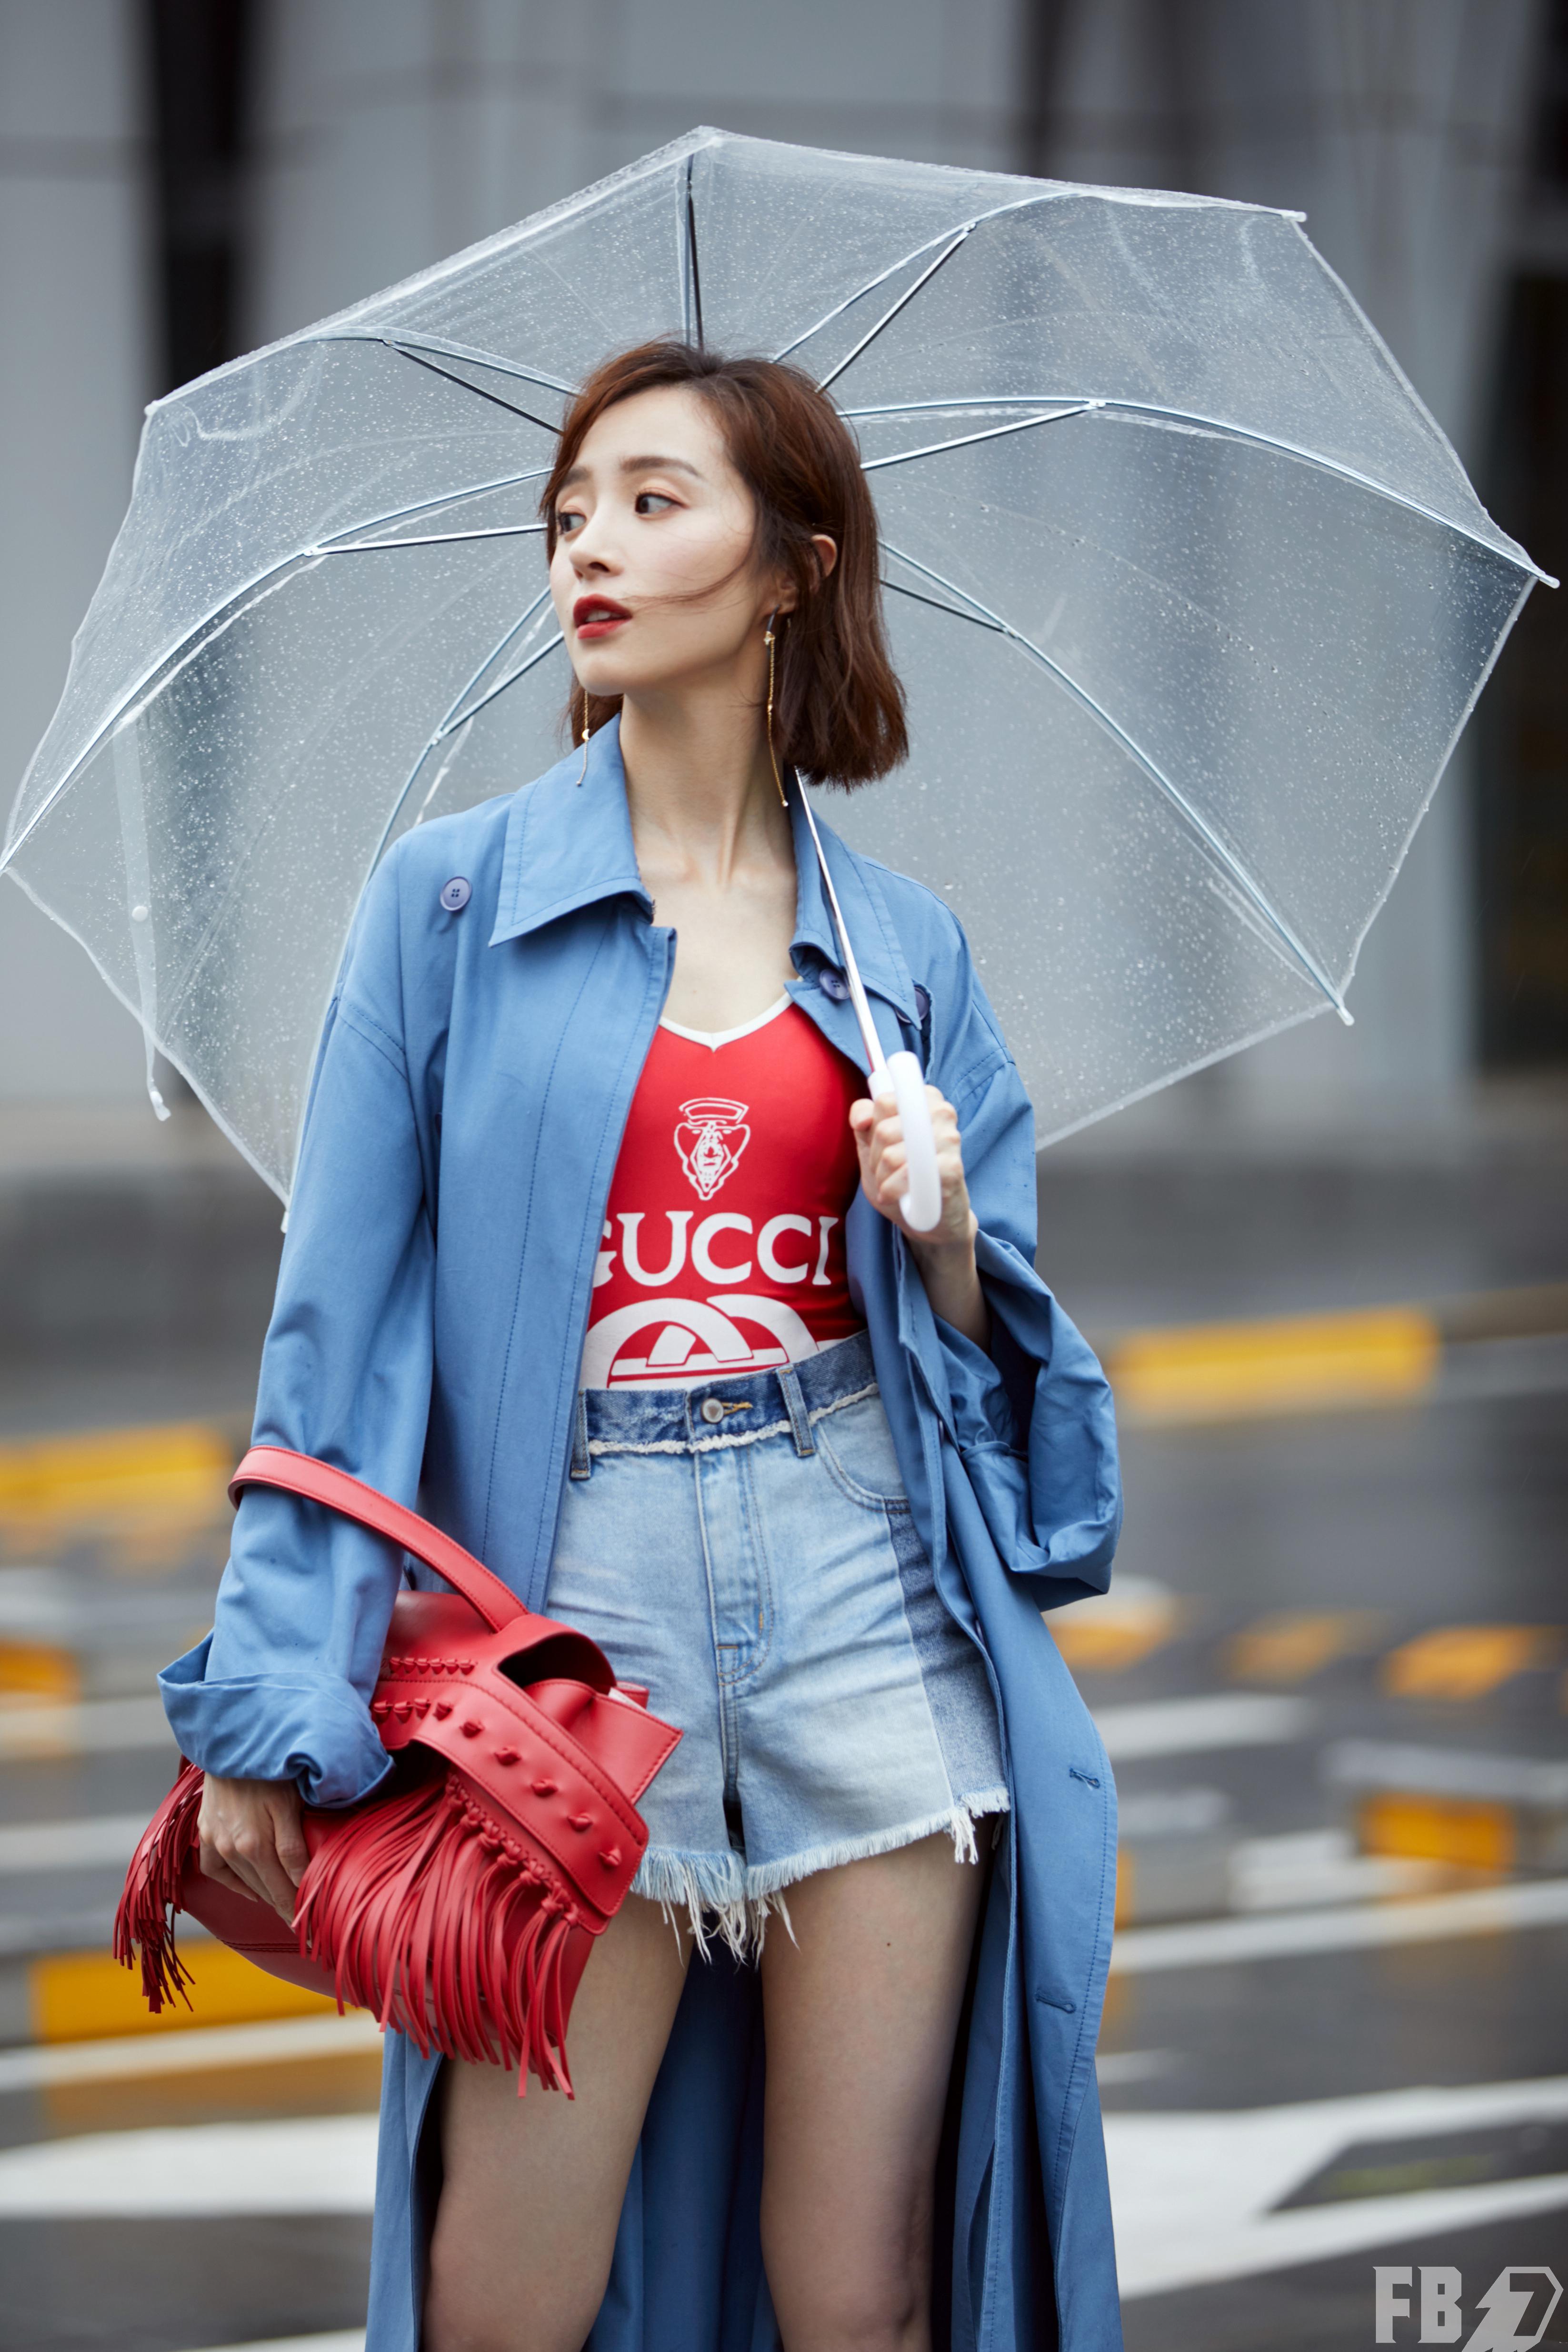 胡冰卿夏日雨中漫步 蓝绿色系巧搭清凉出街